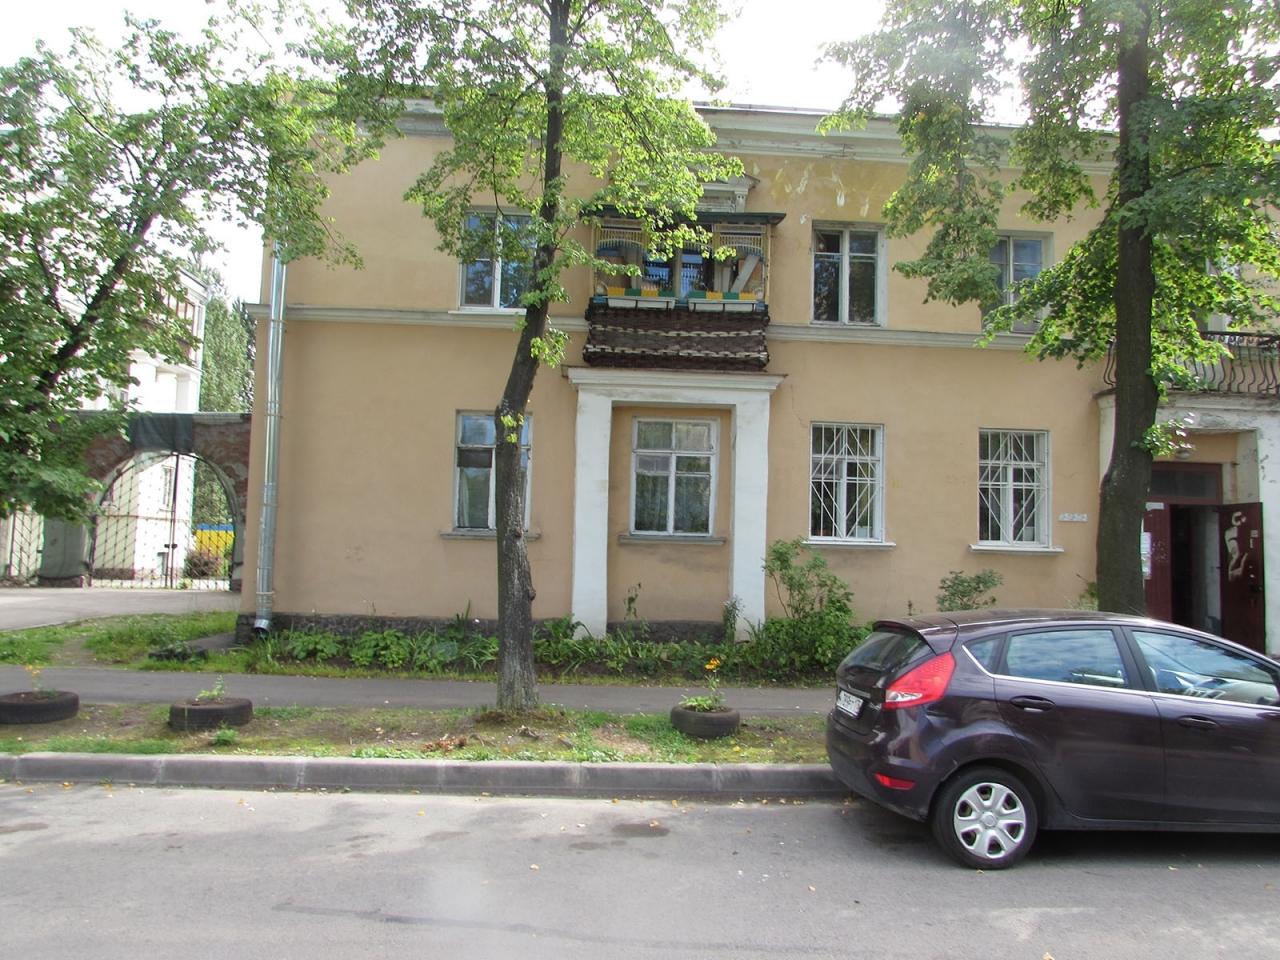 http://gja.pro.bkn.ru/images/s_big/1f928c65-8334-11e7-b300-448a5bd44c07.jpg